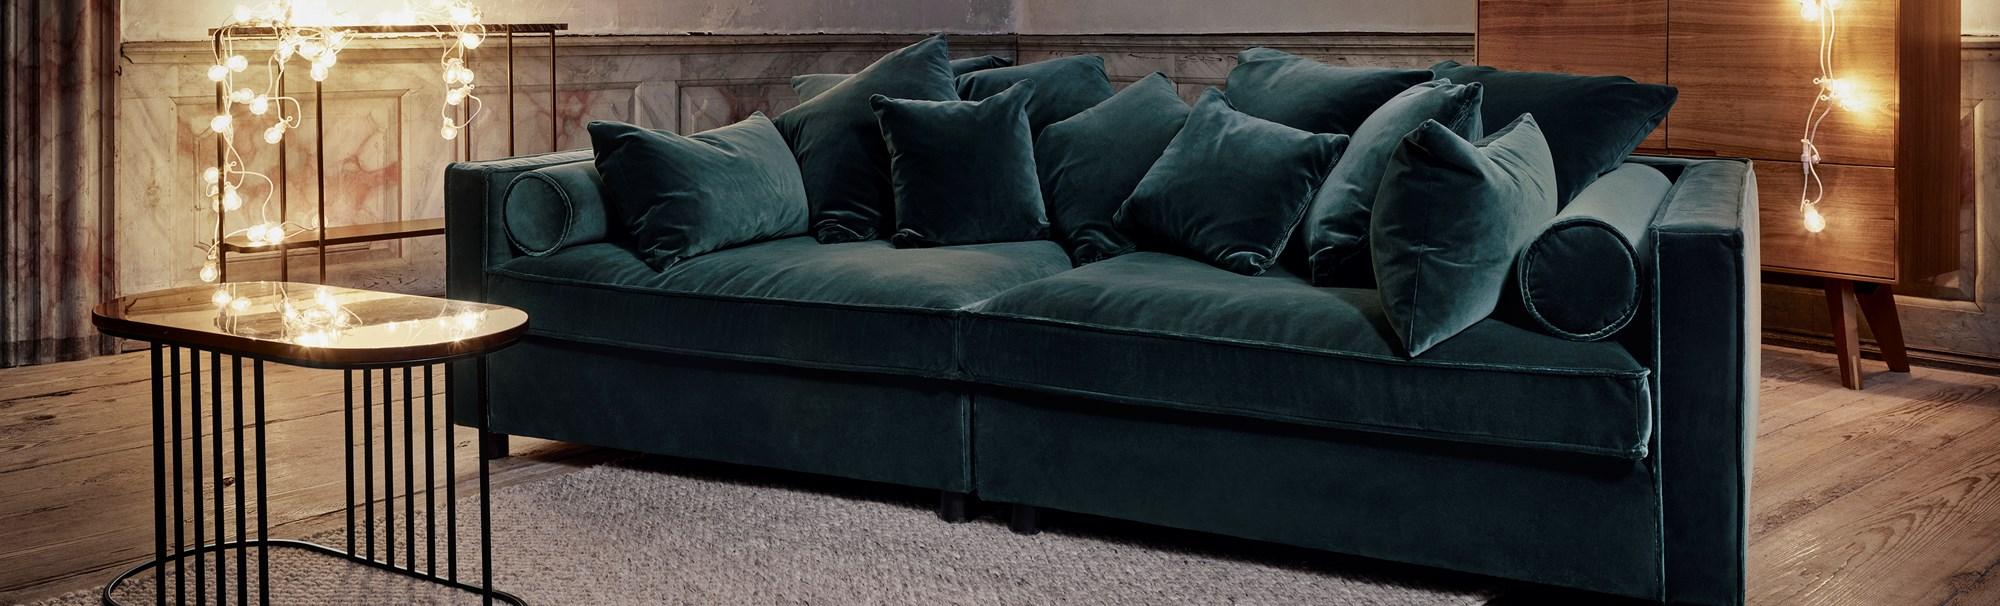 elin johansson sveriges st rsta h rblogg metro mode. Black Bedroom Furniture Sets. Home Design Ideas